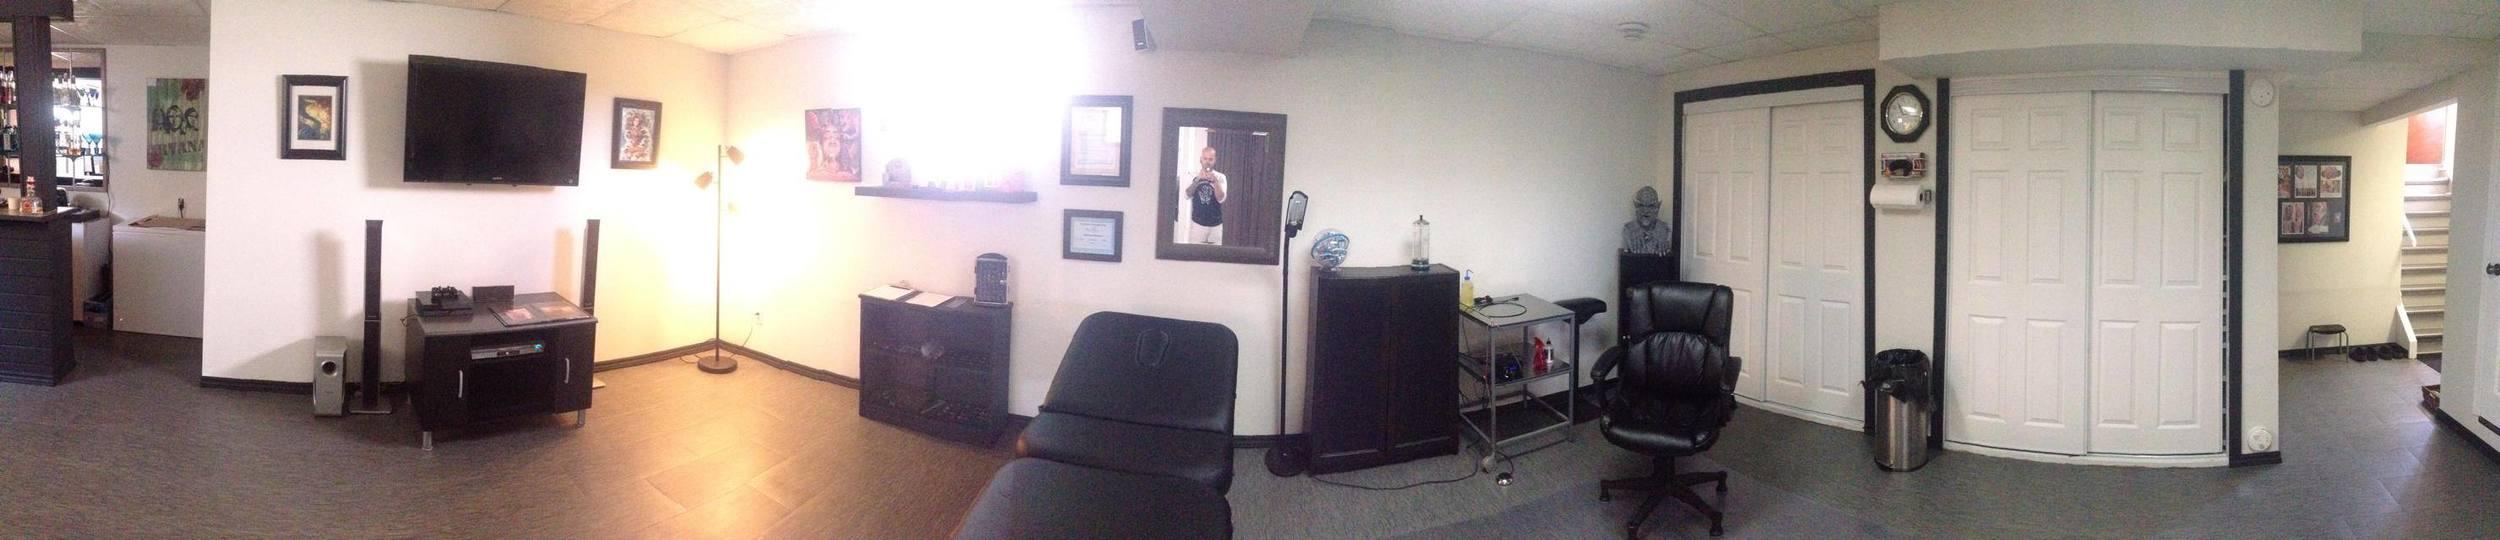 studio pan.jpg